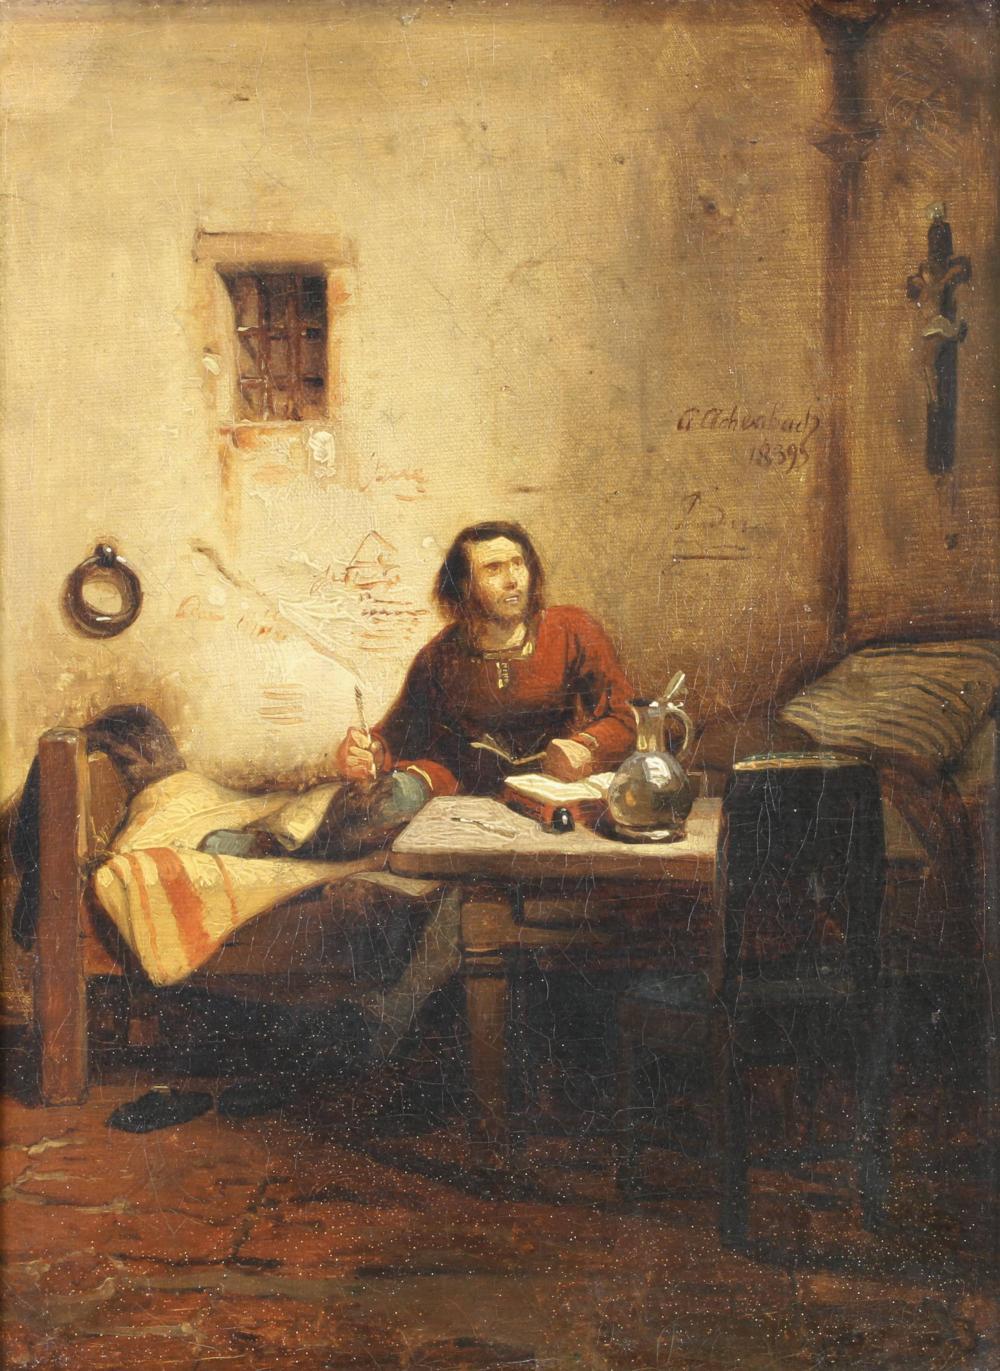 Achenbach, Andreas (Kassel 1815 - 1910 Düsseldorf, Bruder von Oswald A., Ausbildung an der KA Düsseldorf, zahlreiche Studienreisen nach Holland, Belgien, Italien u.a., Mitglied der Künstlervereinigung Malkasten),